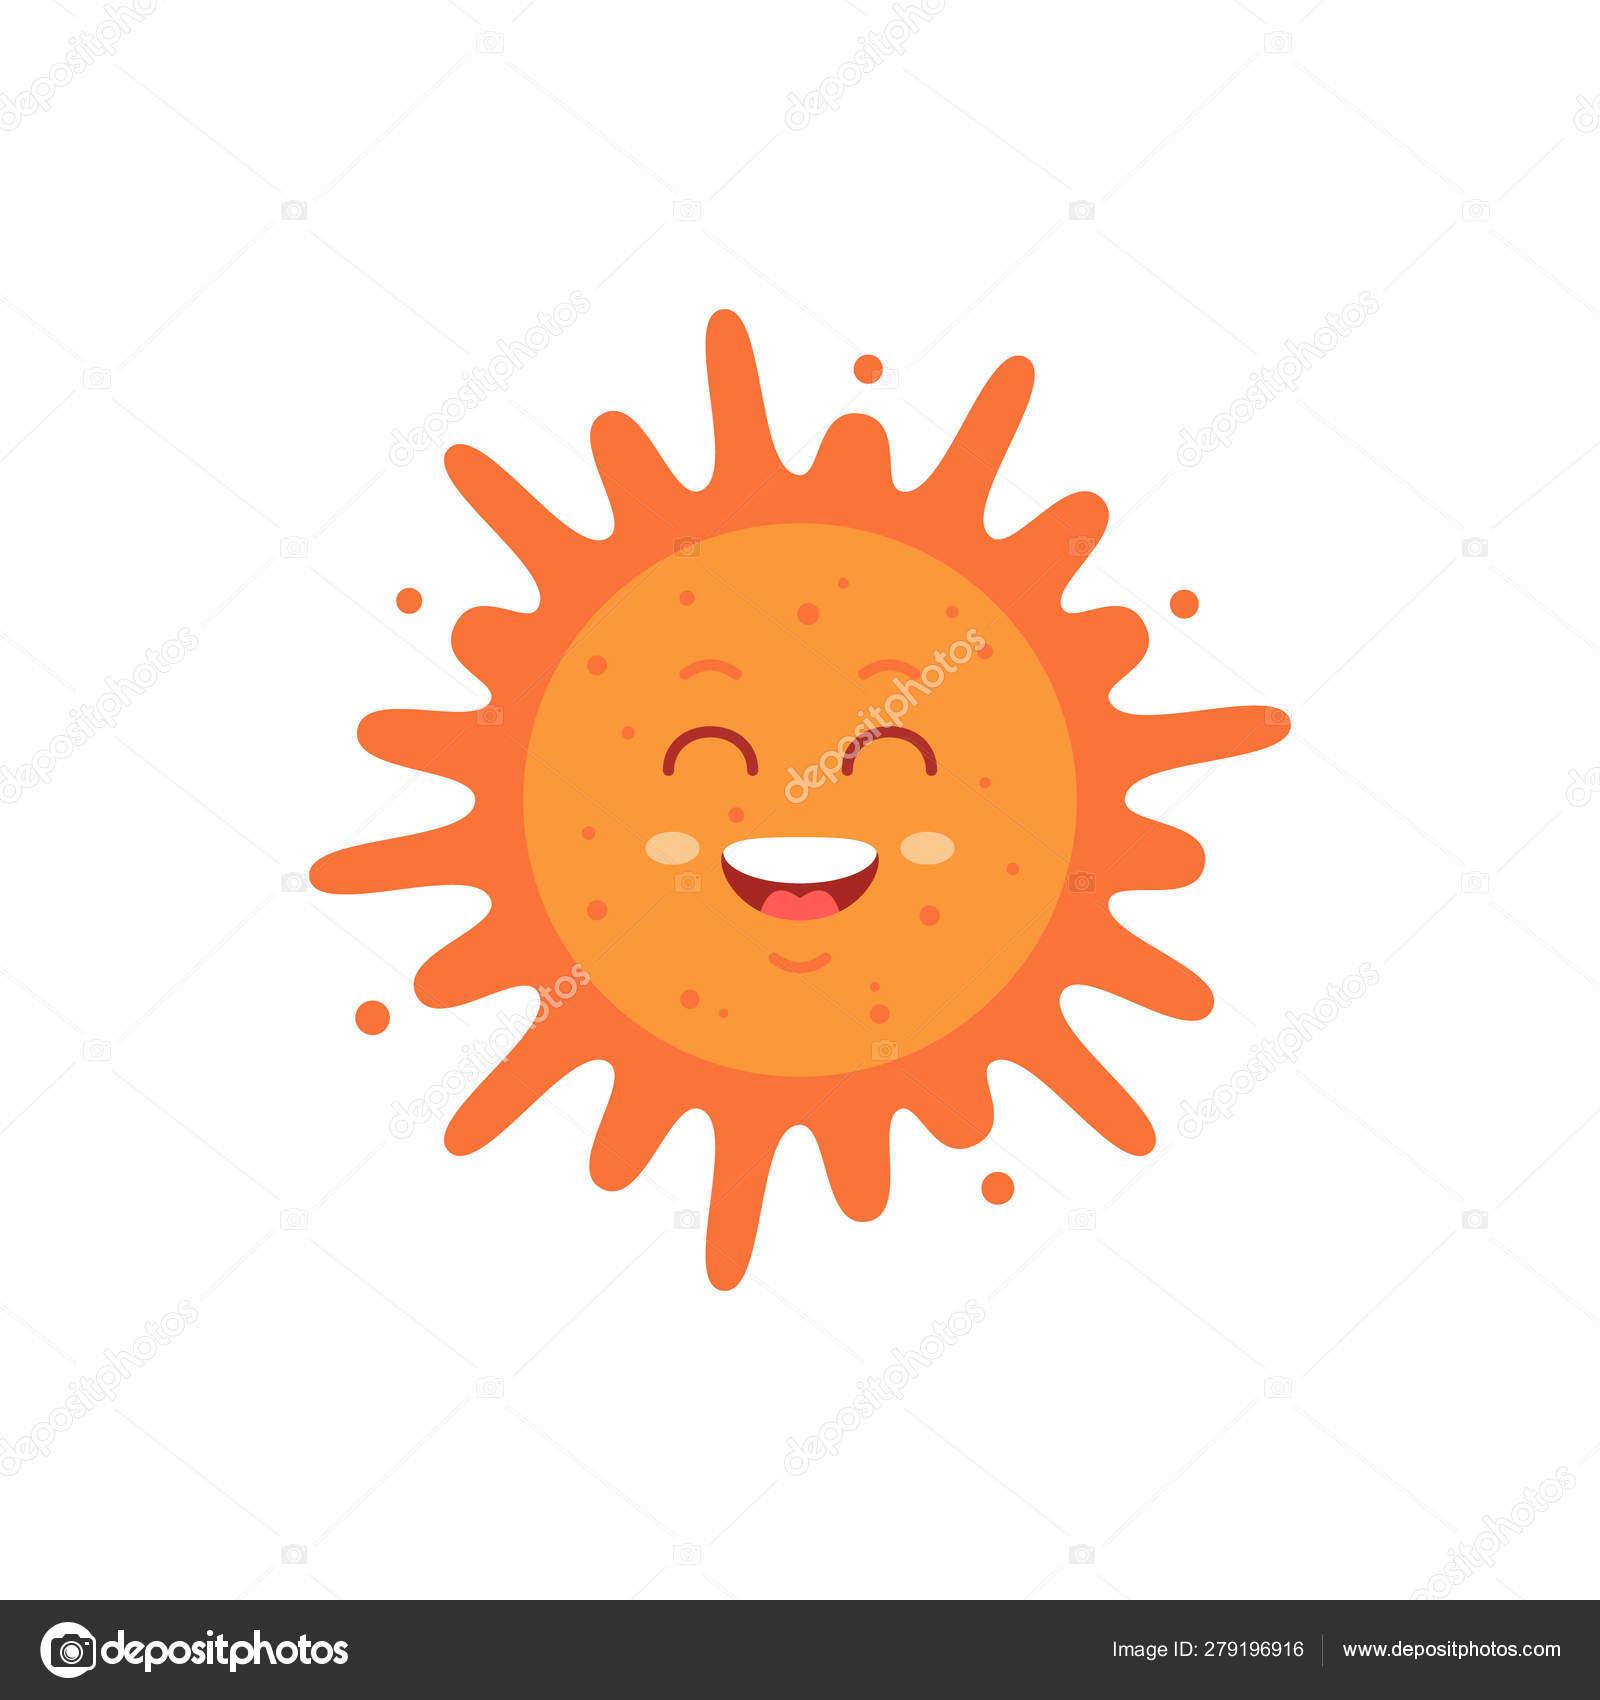 Funny vector hand drawn sun illustration  Cute sun emoticon